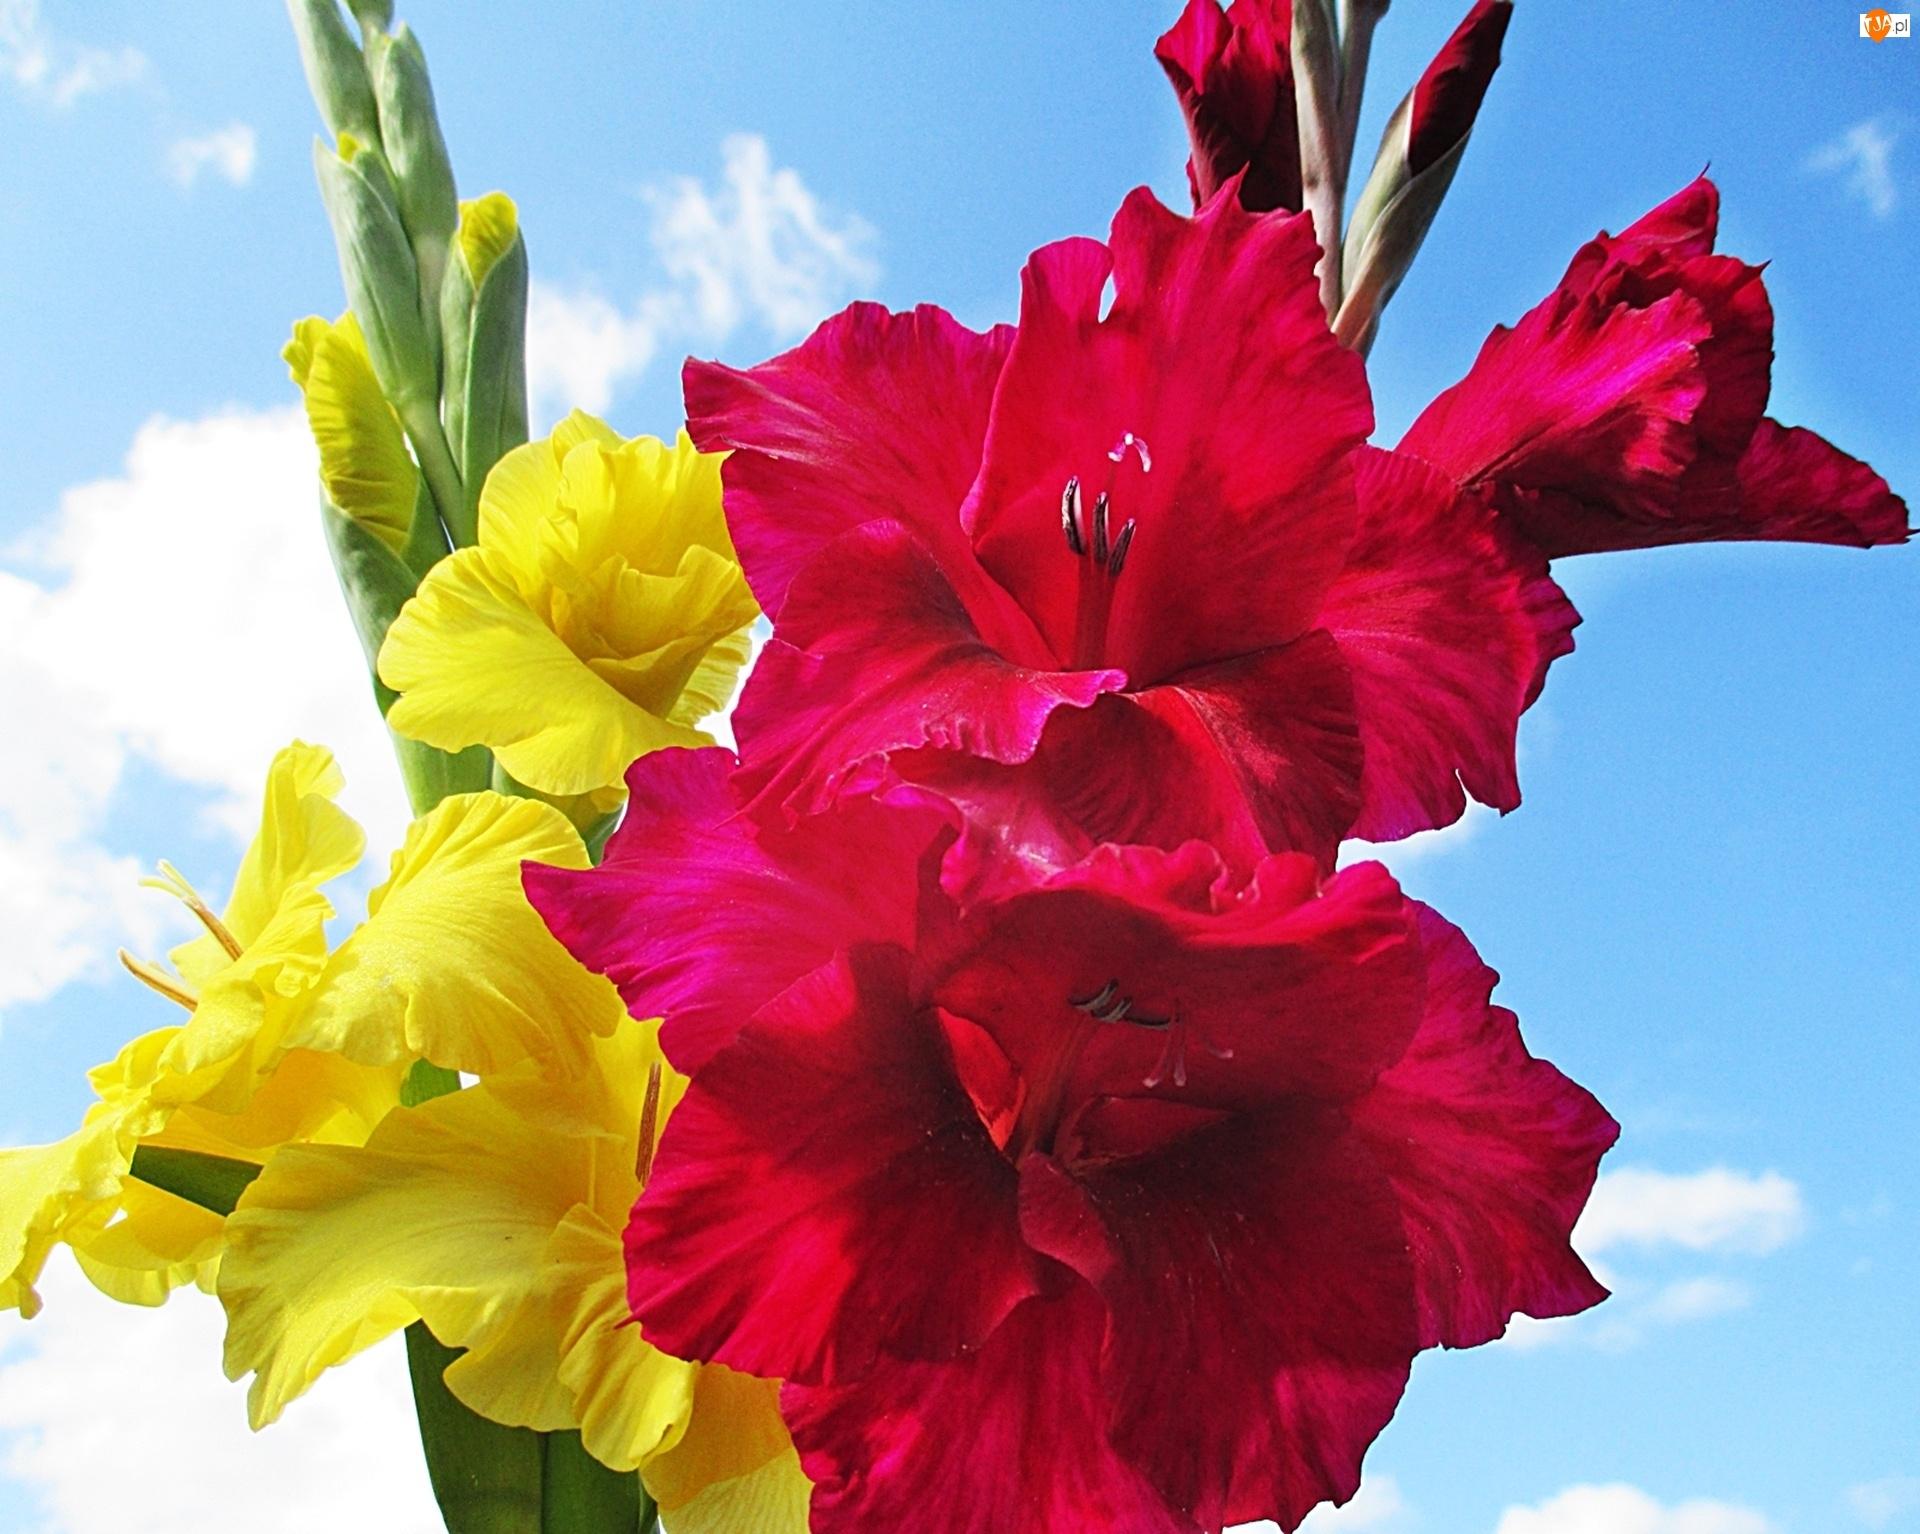 Żółty, Niebo, Mieczyk, Chmury, Kwiat, Czerwony